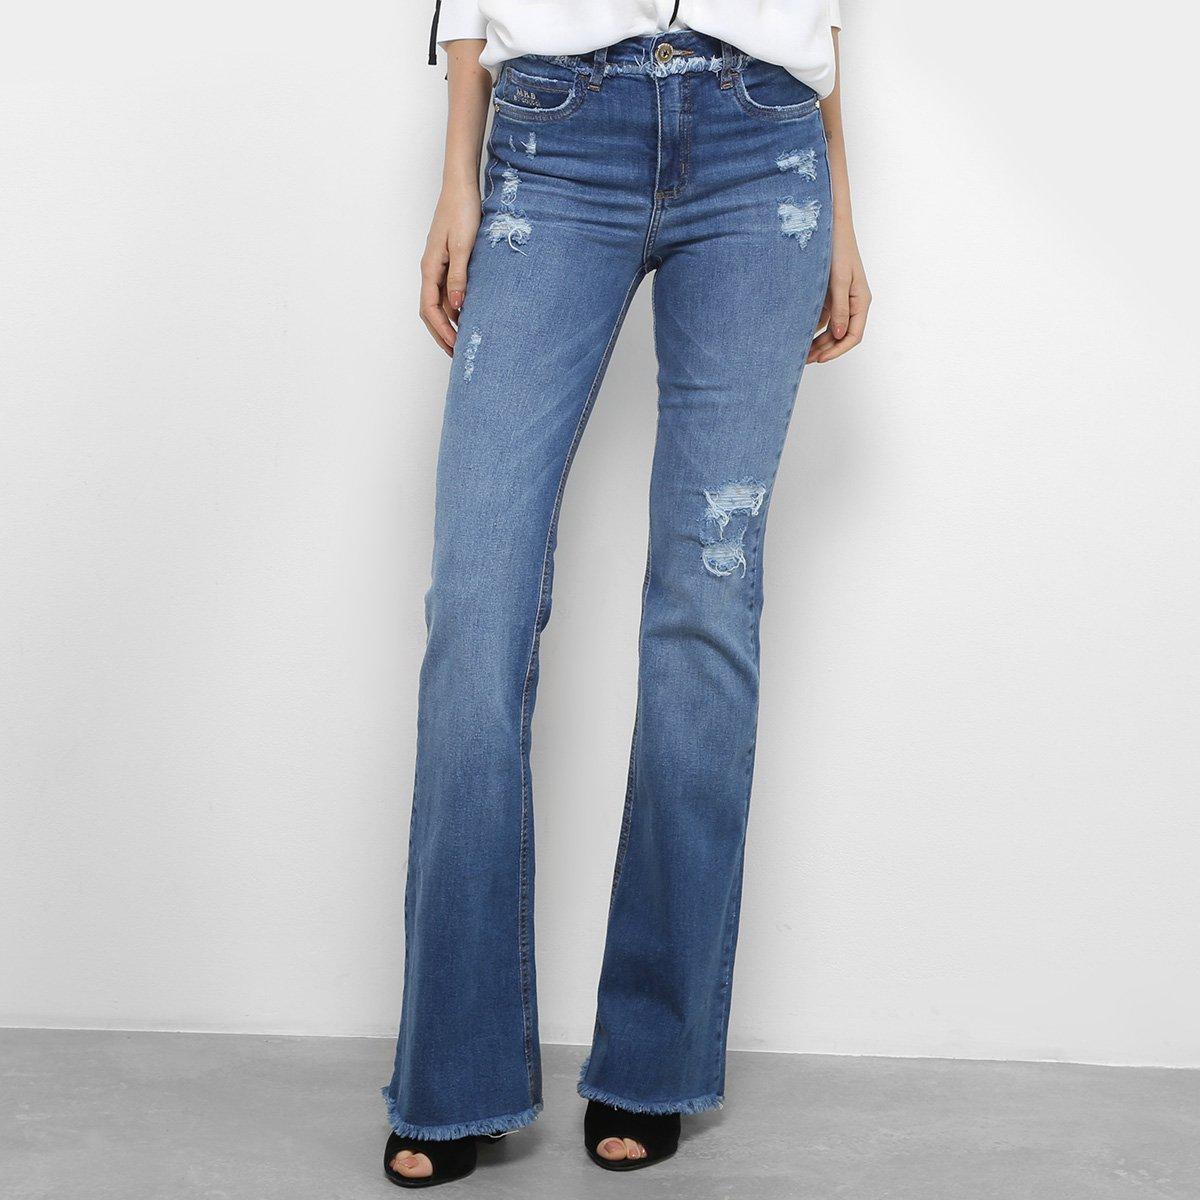 5a46b96ad Calça Jeans Flare Colcci Cintura Média Feminina - Compre Agora | Netshoes